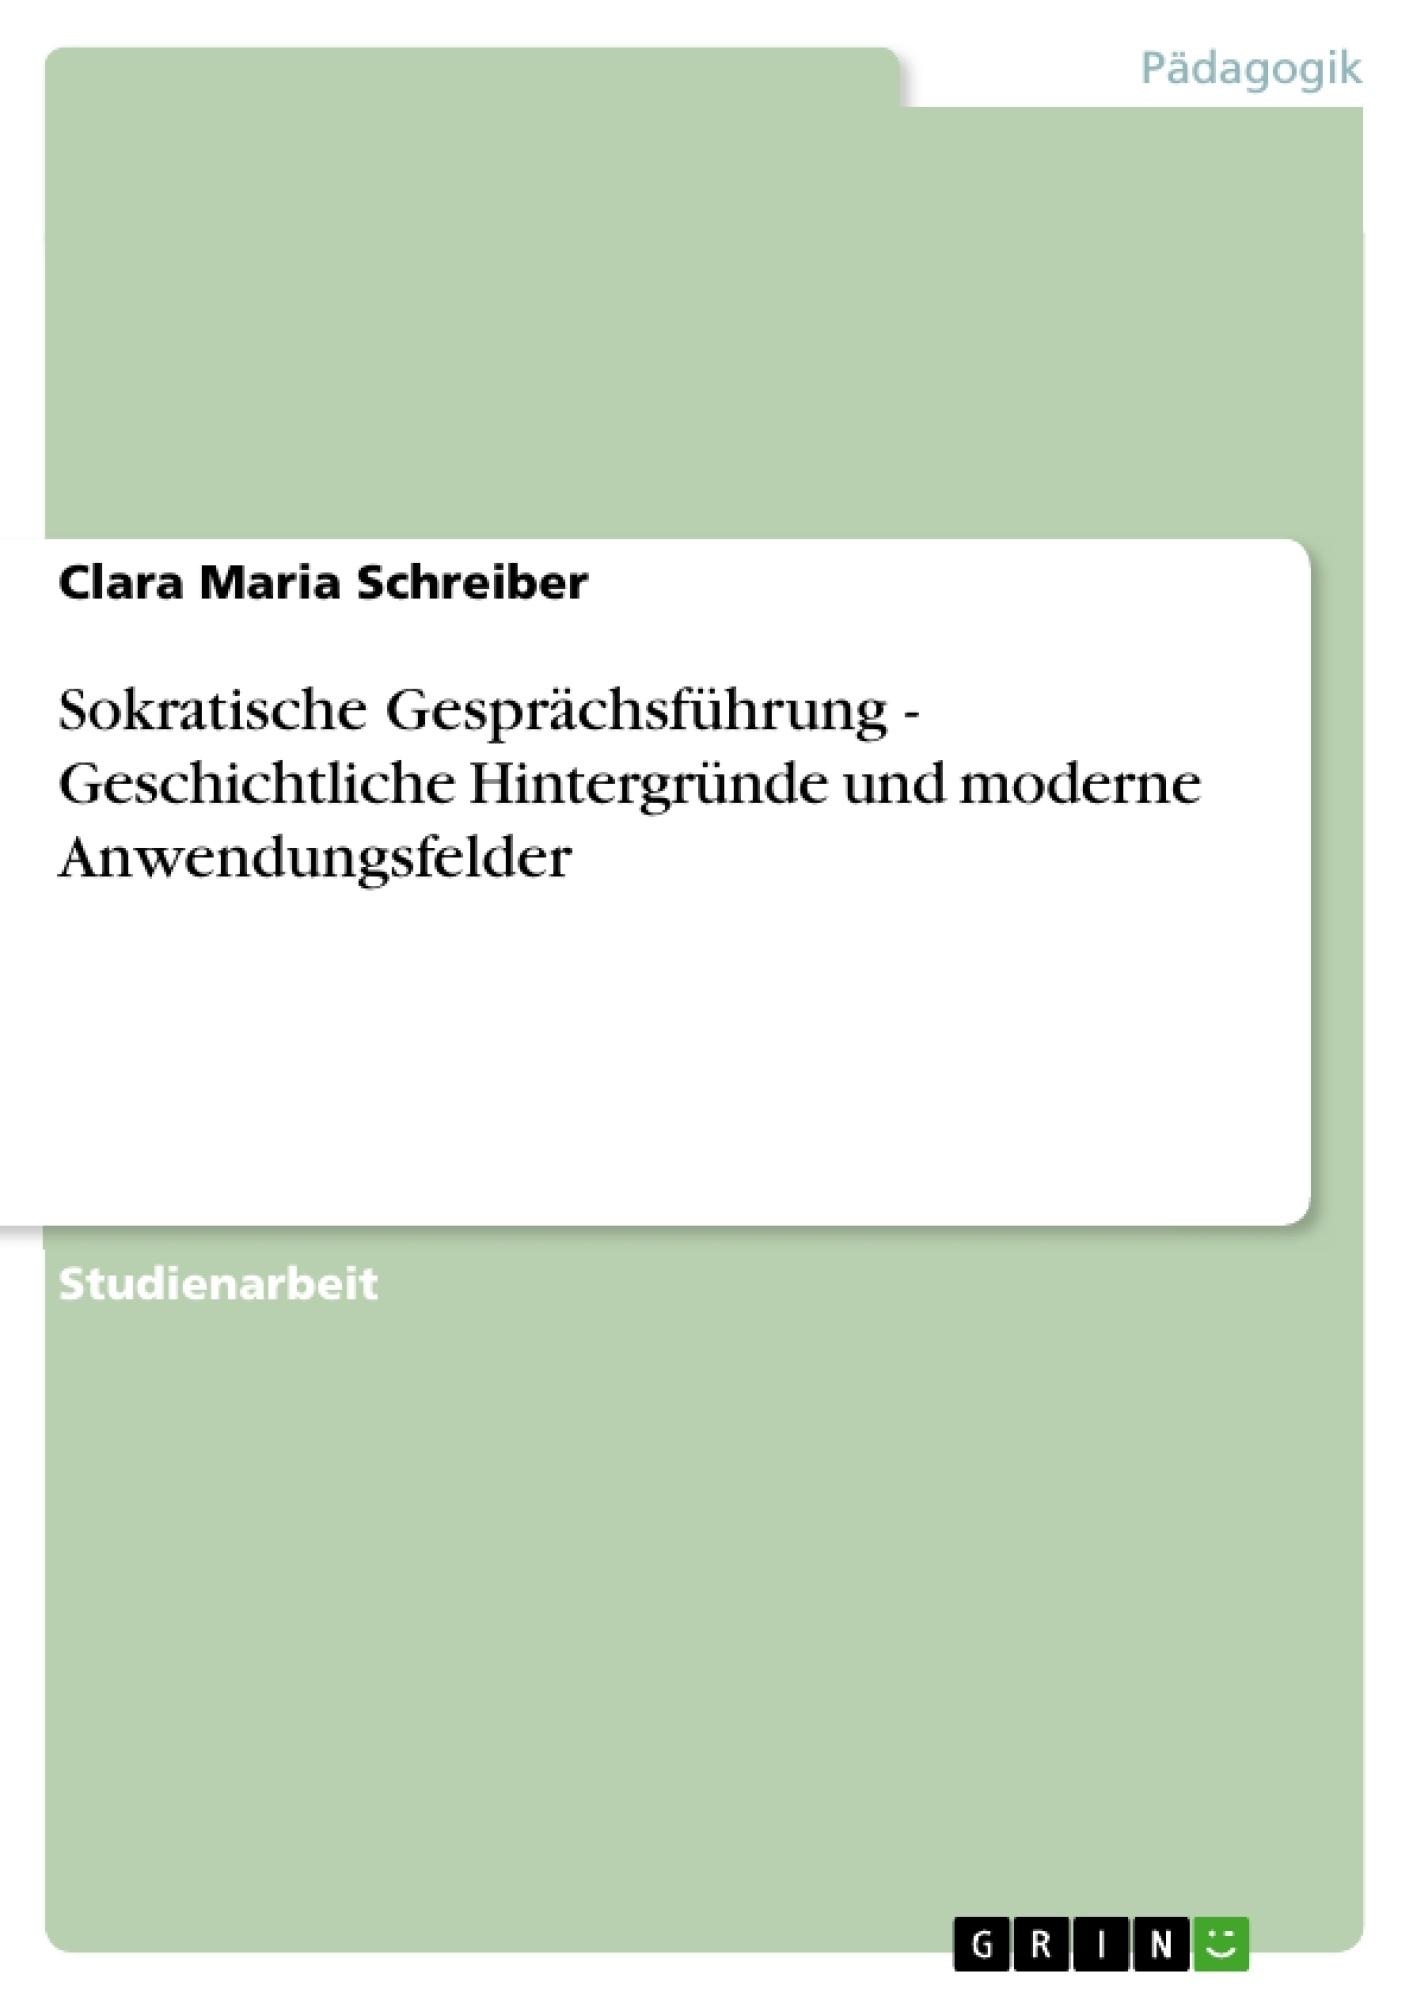 Titel: Sokratische Gesprächsführung - Geschichtliche Hintergründe und moderne Anwendungsfelder